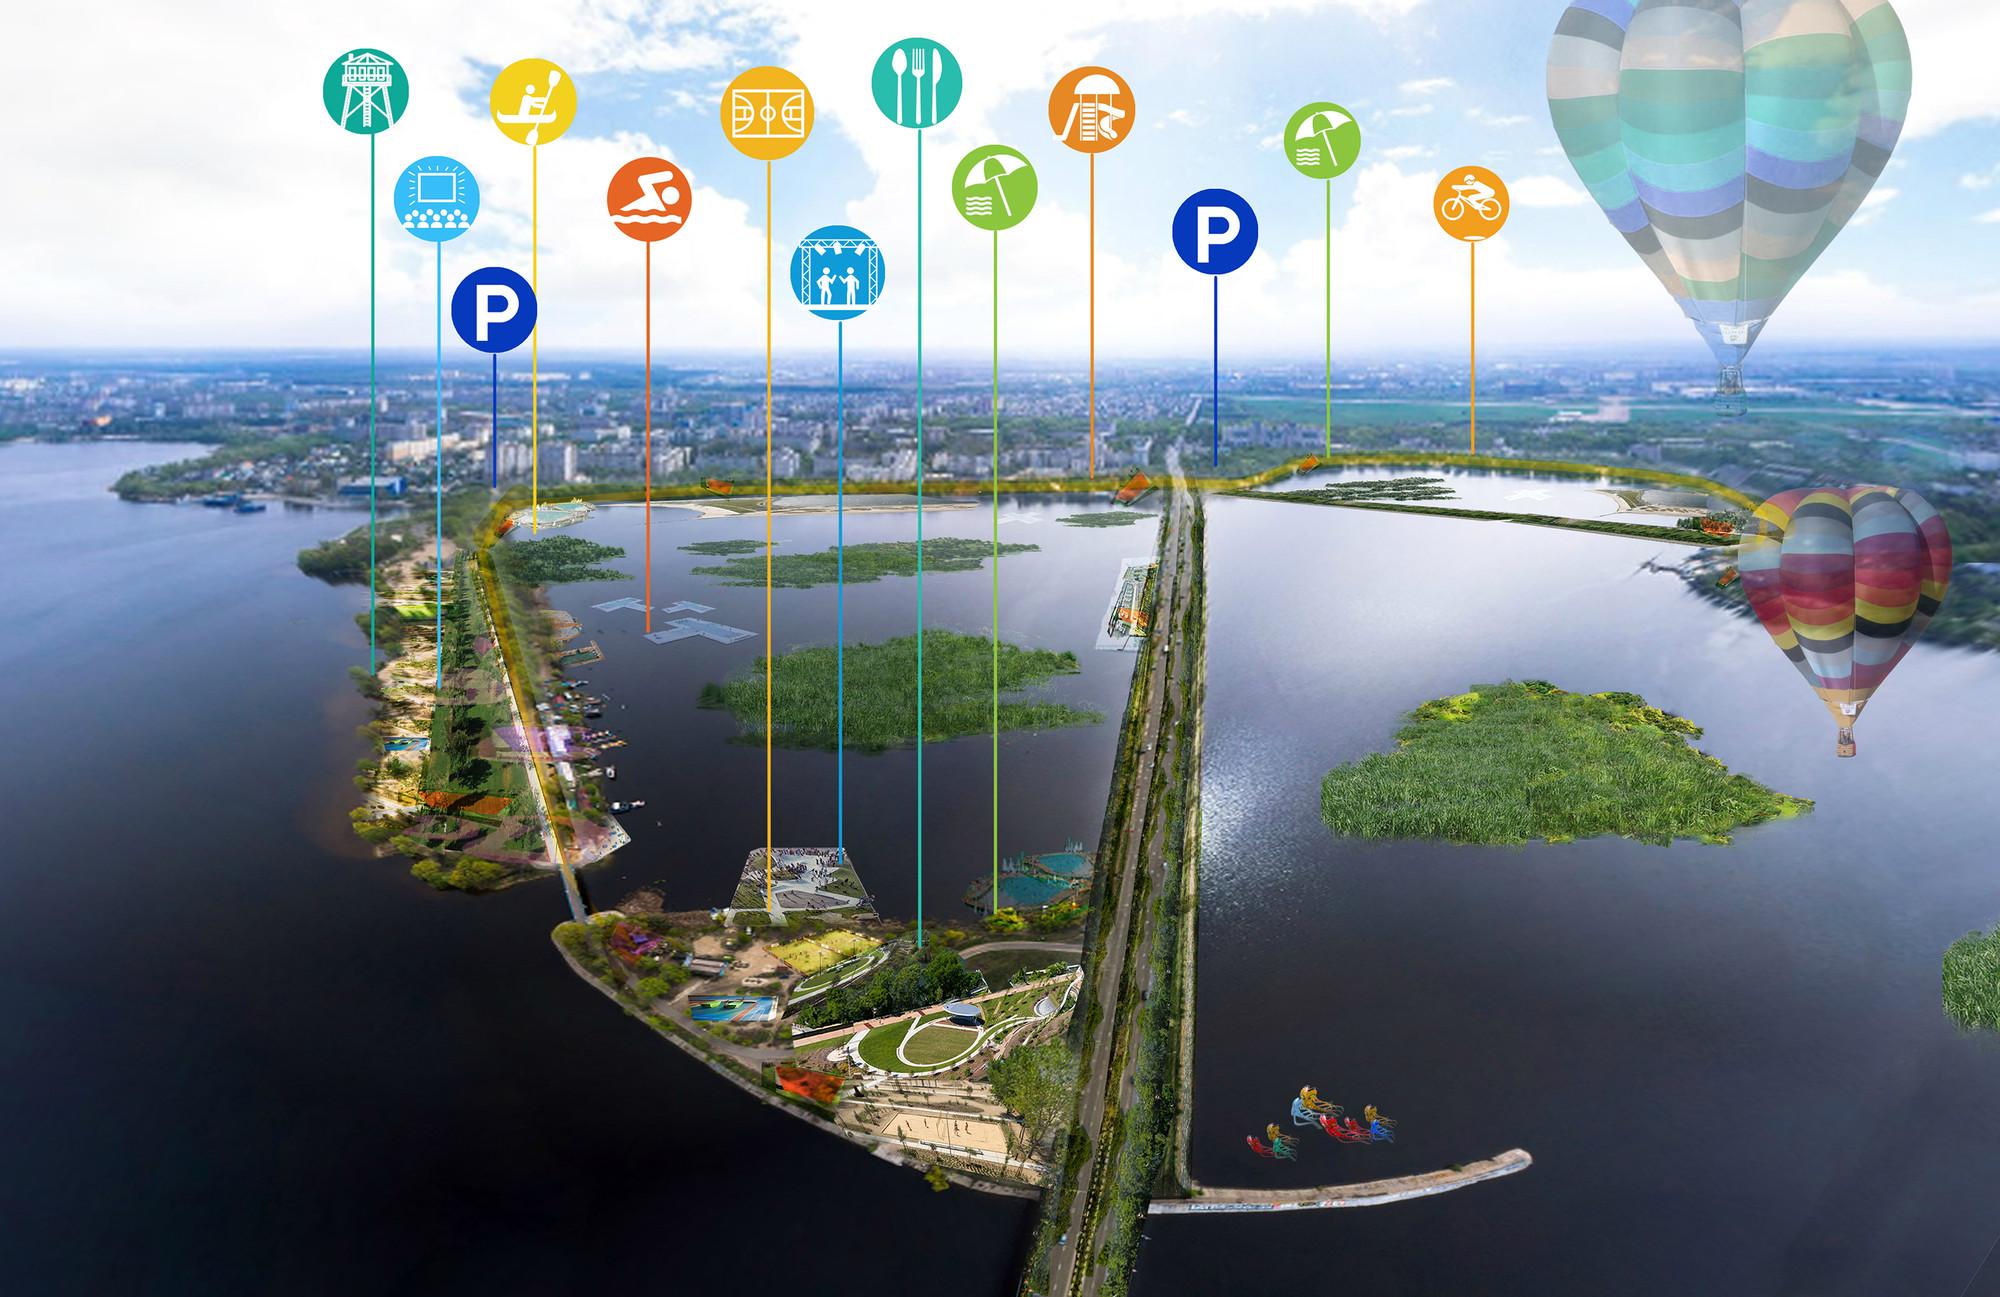 Isla de ocio. Image Cortesia de Ecosistema Urbano